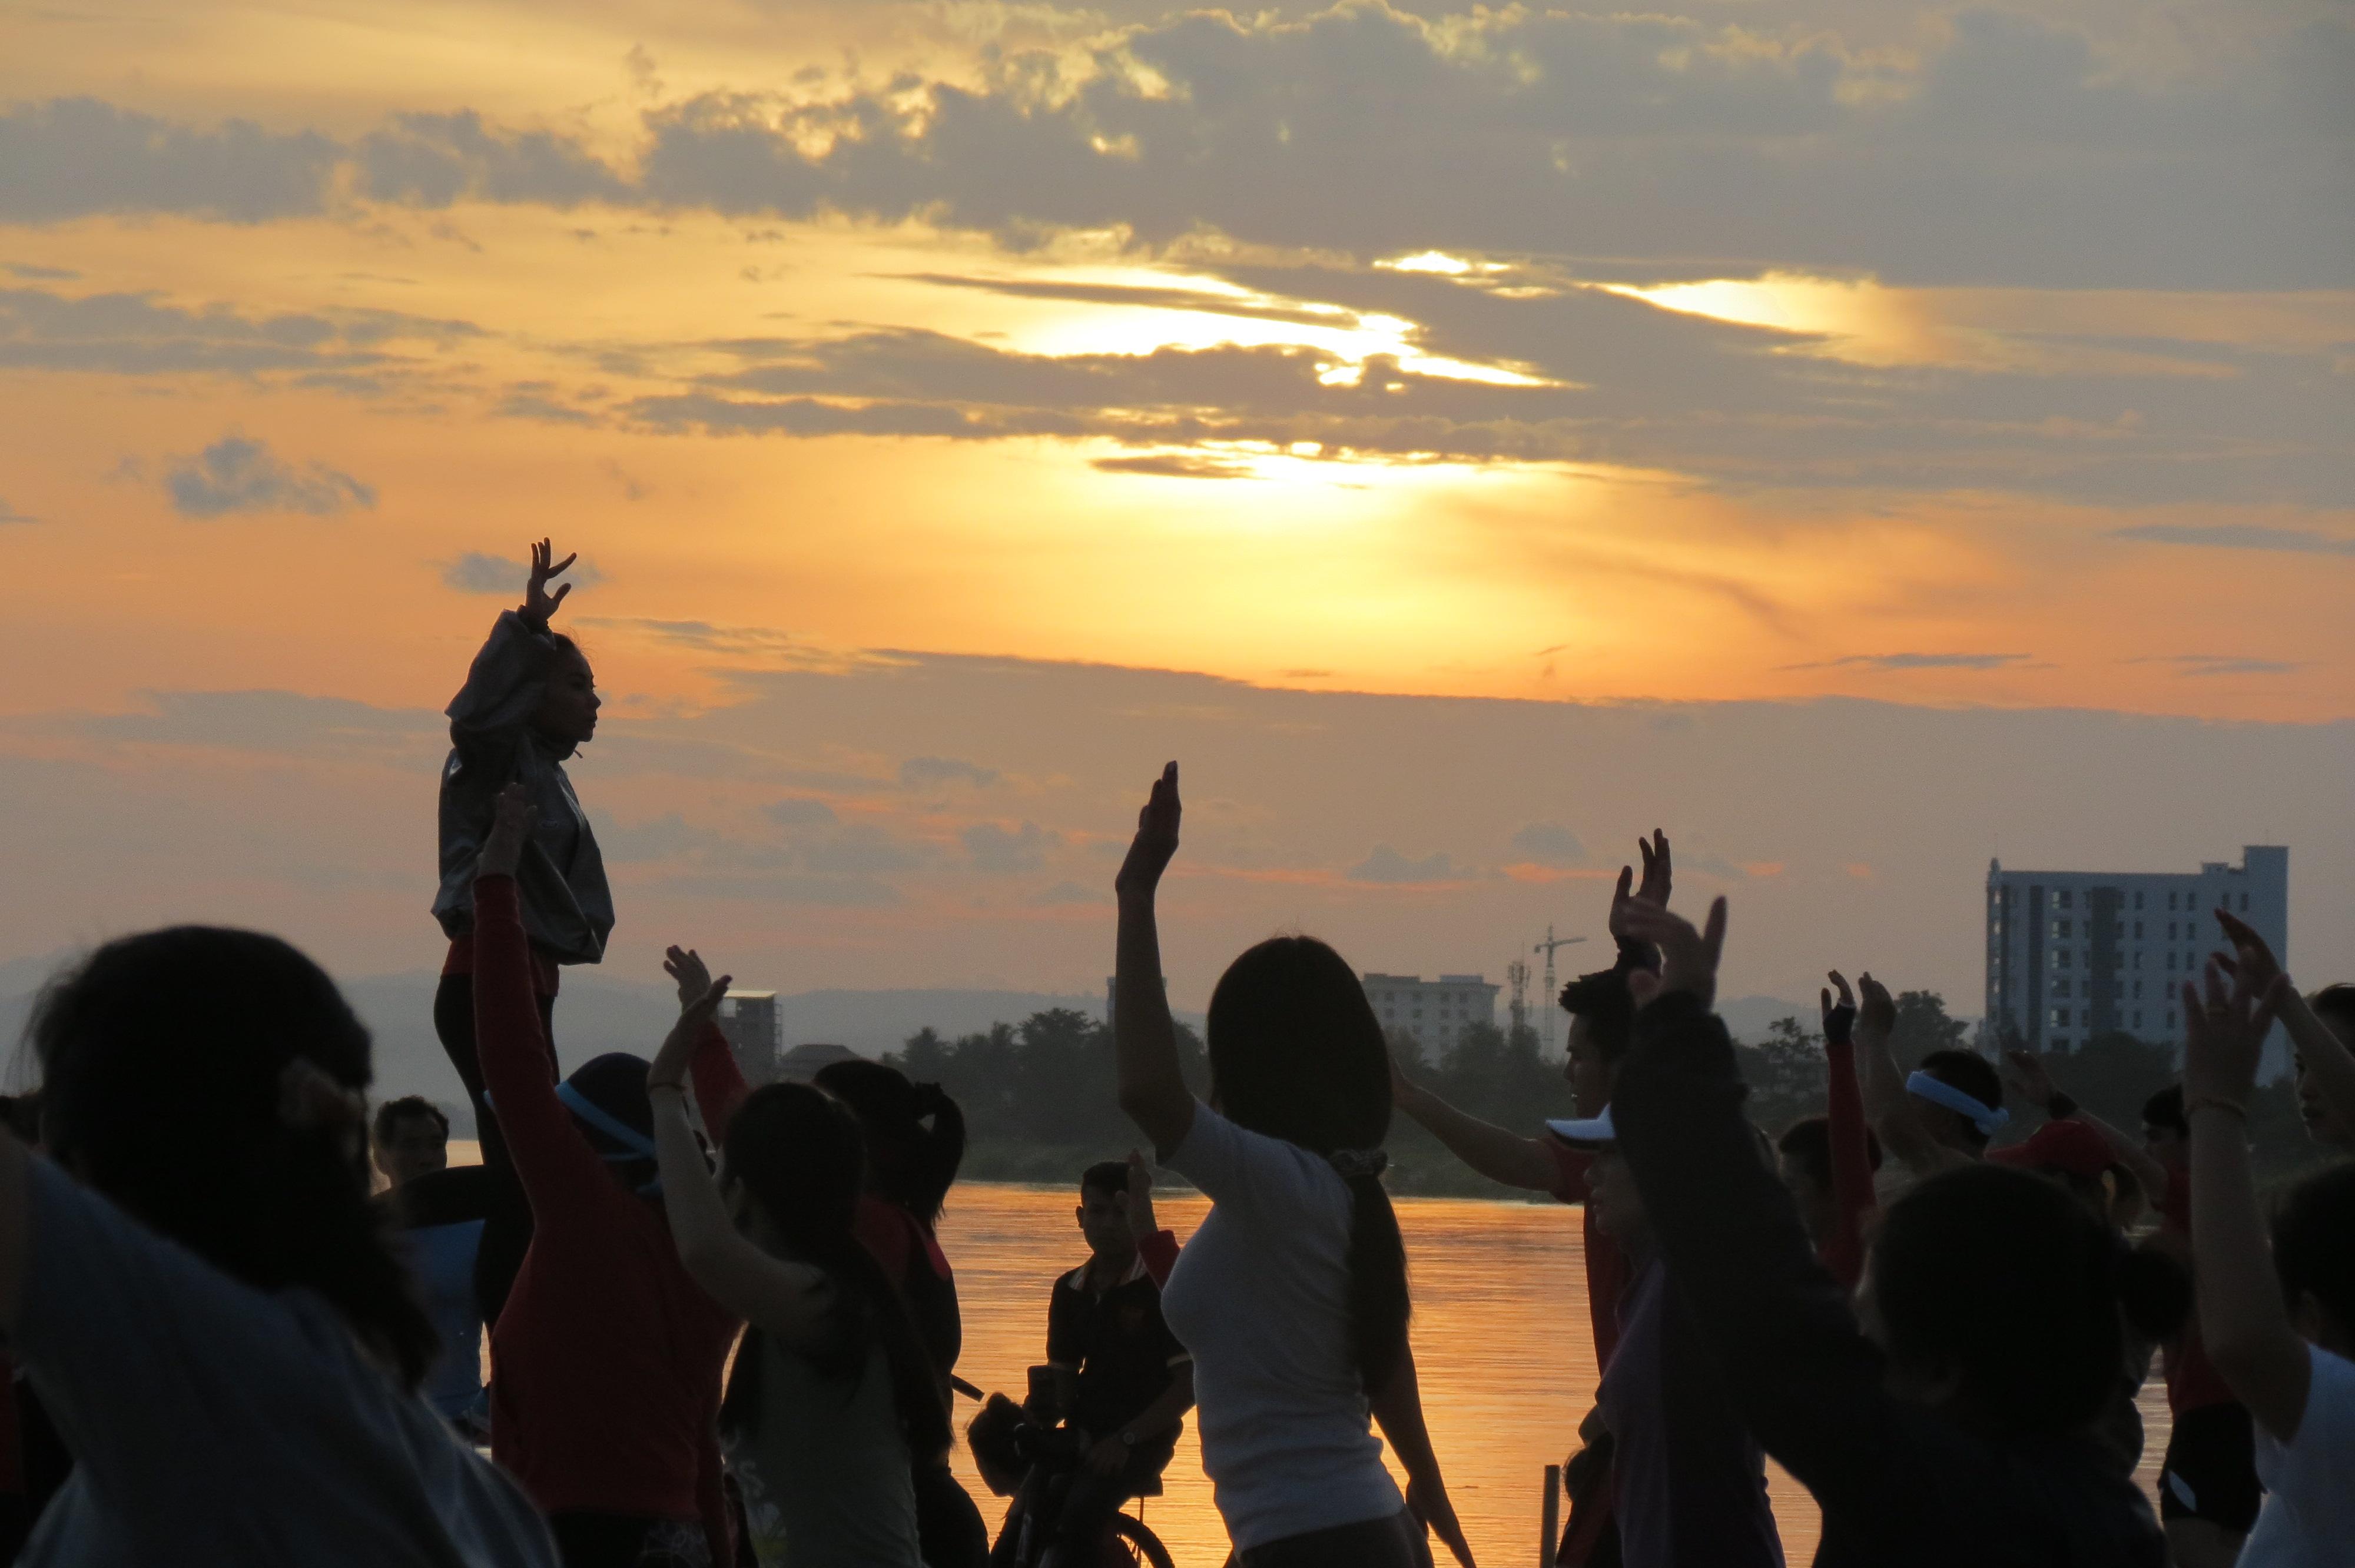 Laos dancing sunset